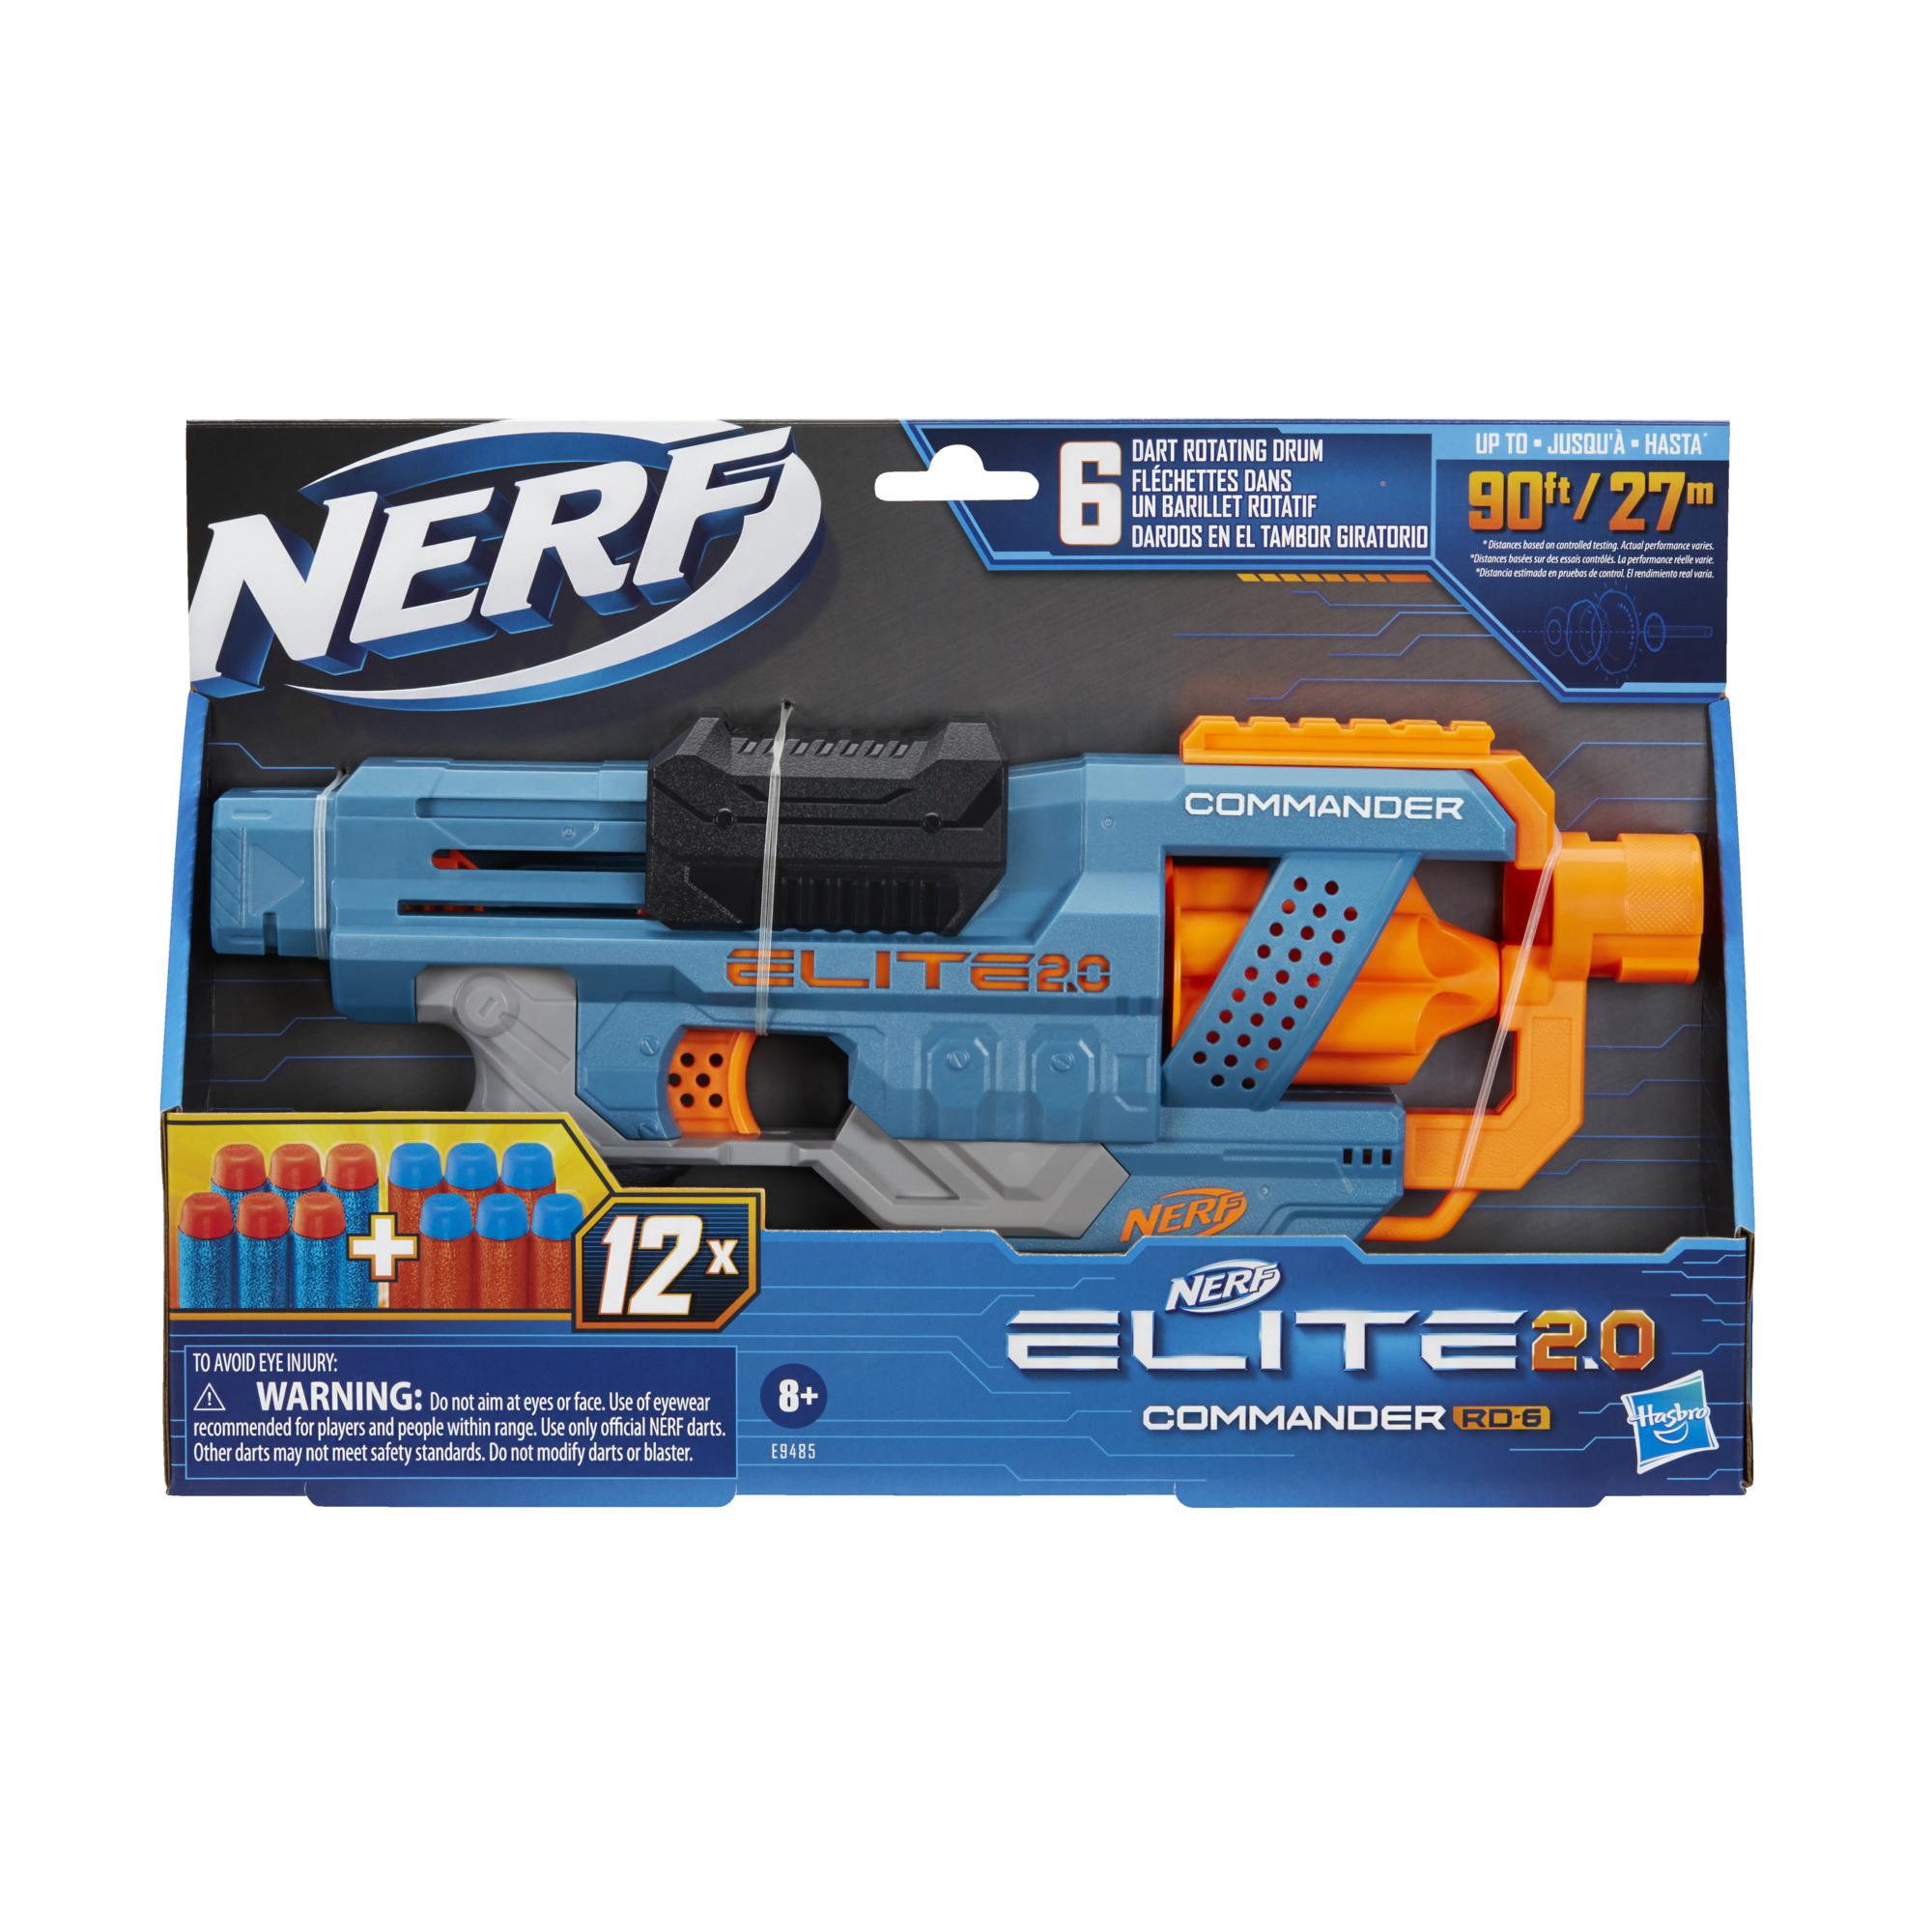 Nerf Elite 2.0 Commander RD-6-blaster, 12 officielle Nerf-pile, roterende tromle med 6 pile, indbyggede tilpasningsmuligheder